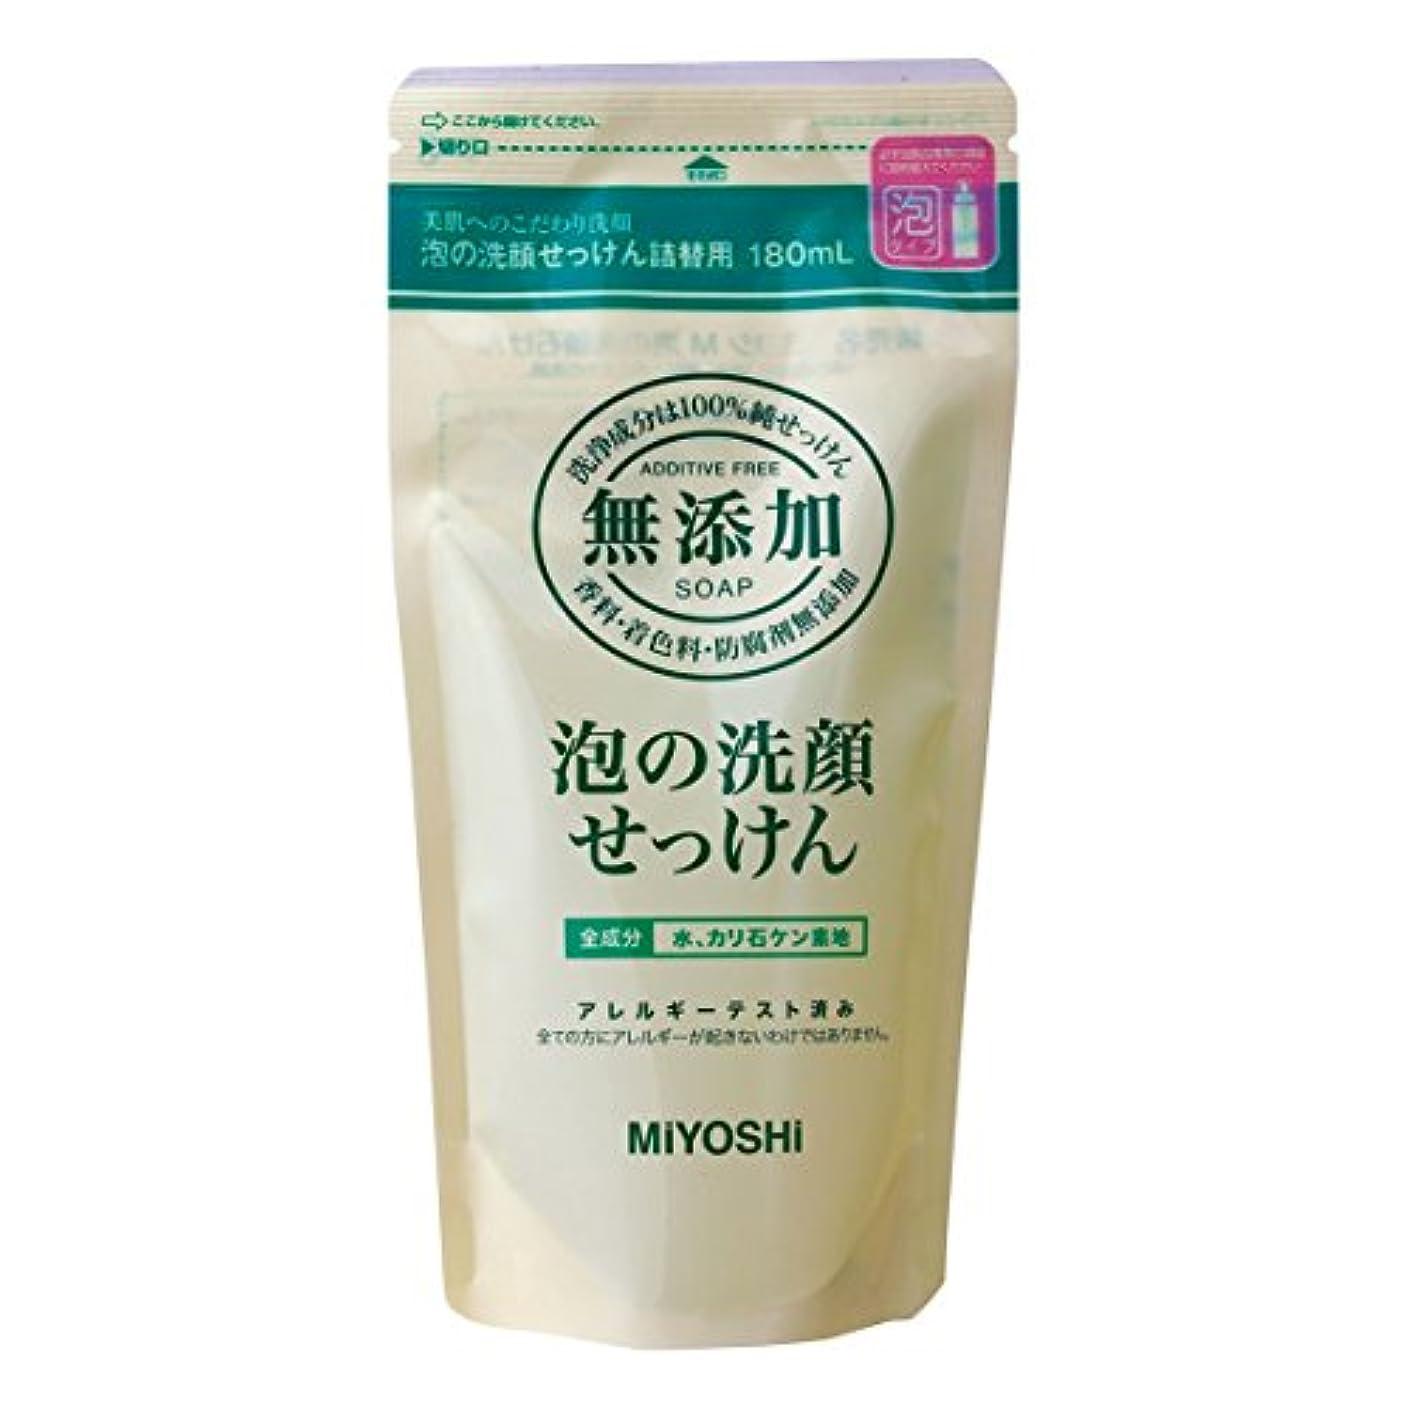 健康事前に湿地無添加泡の洗顔せっけん 詰替180ml